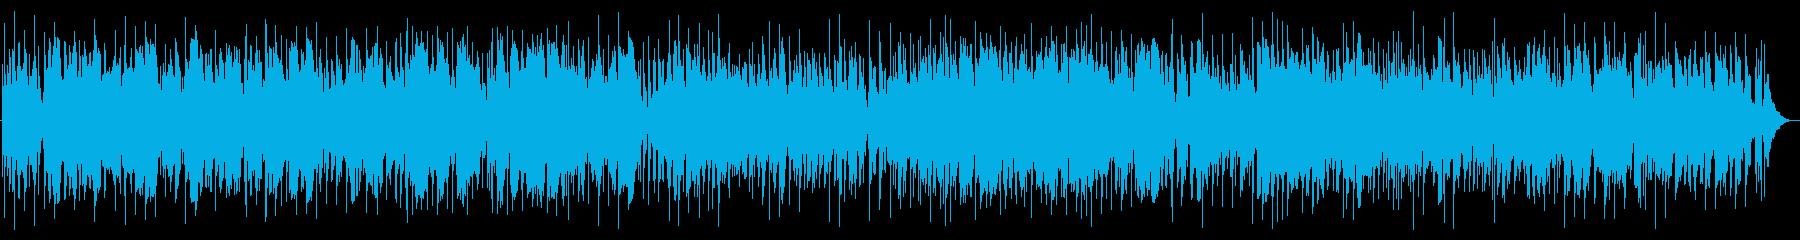 口笛が印象的なロマンチックスムースジャズの再生済みの波形